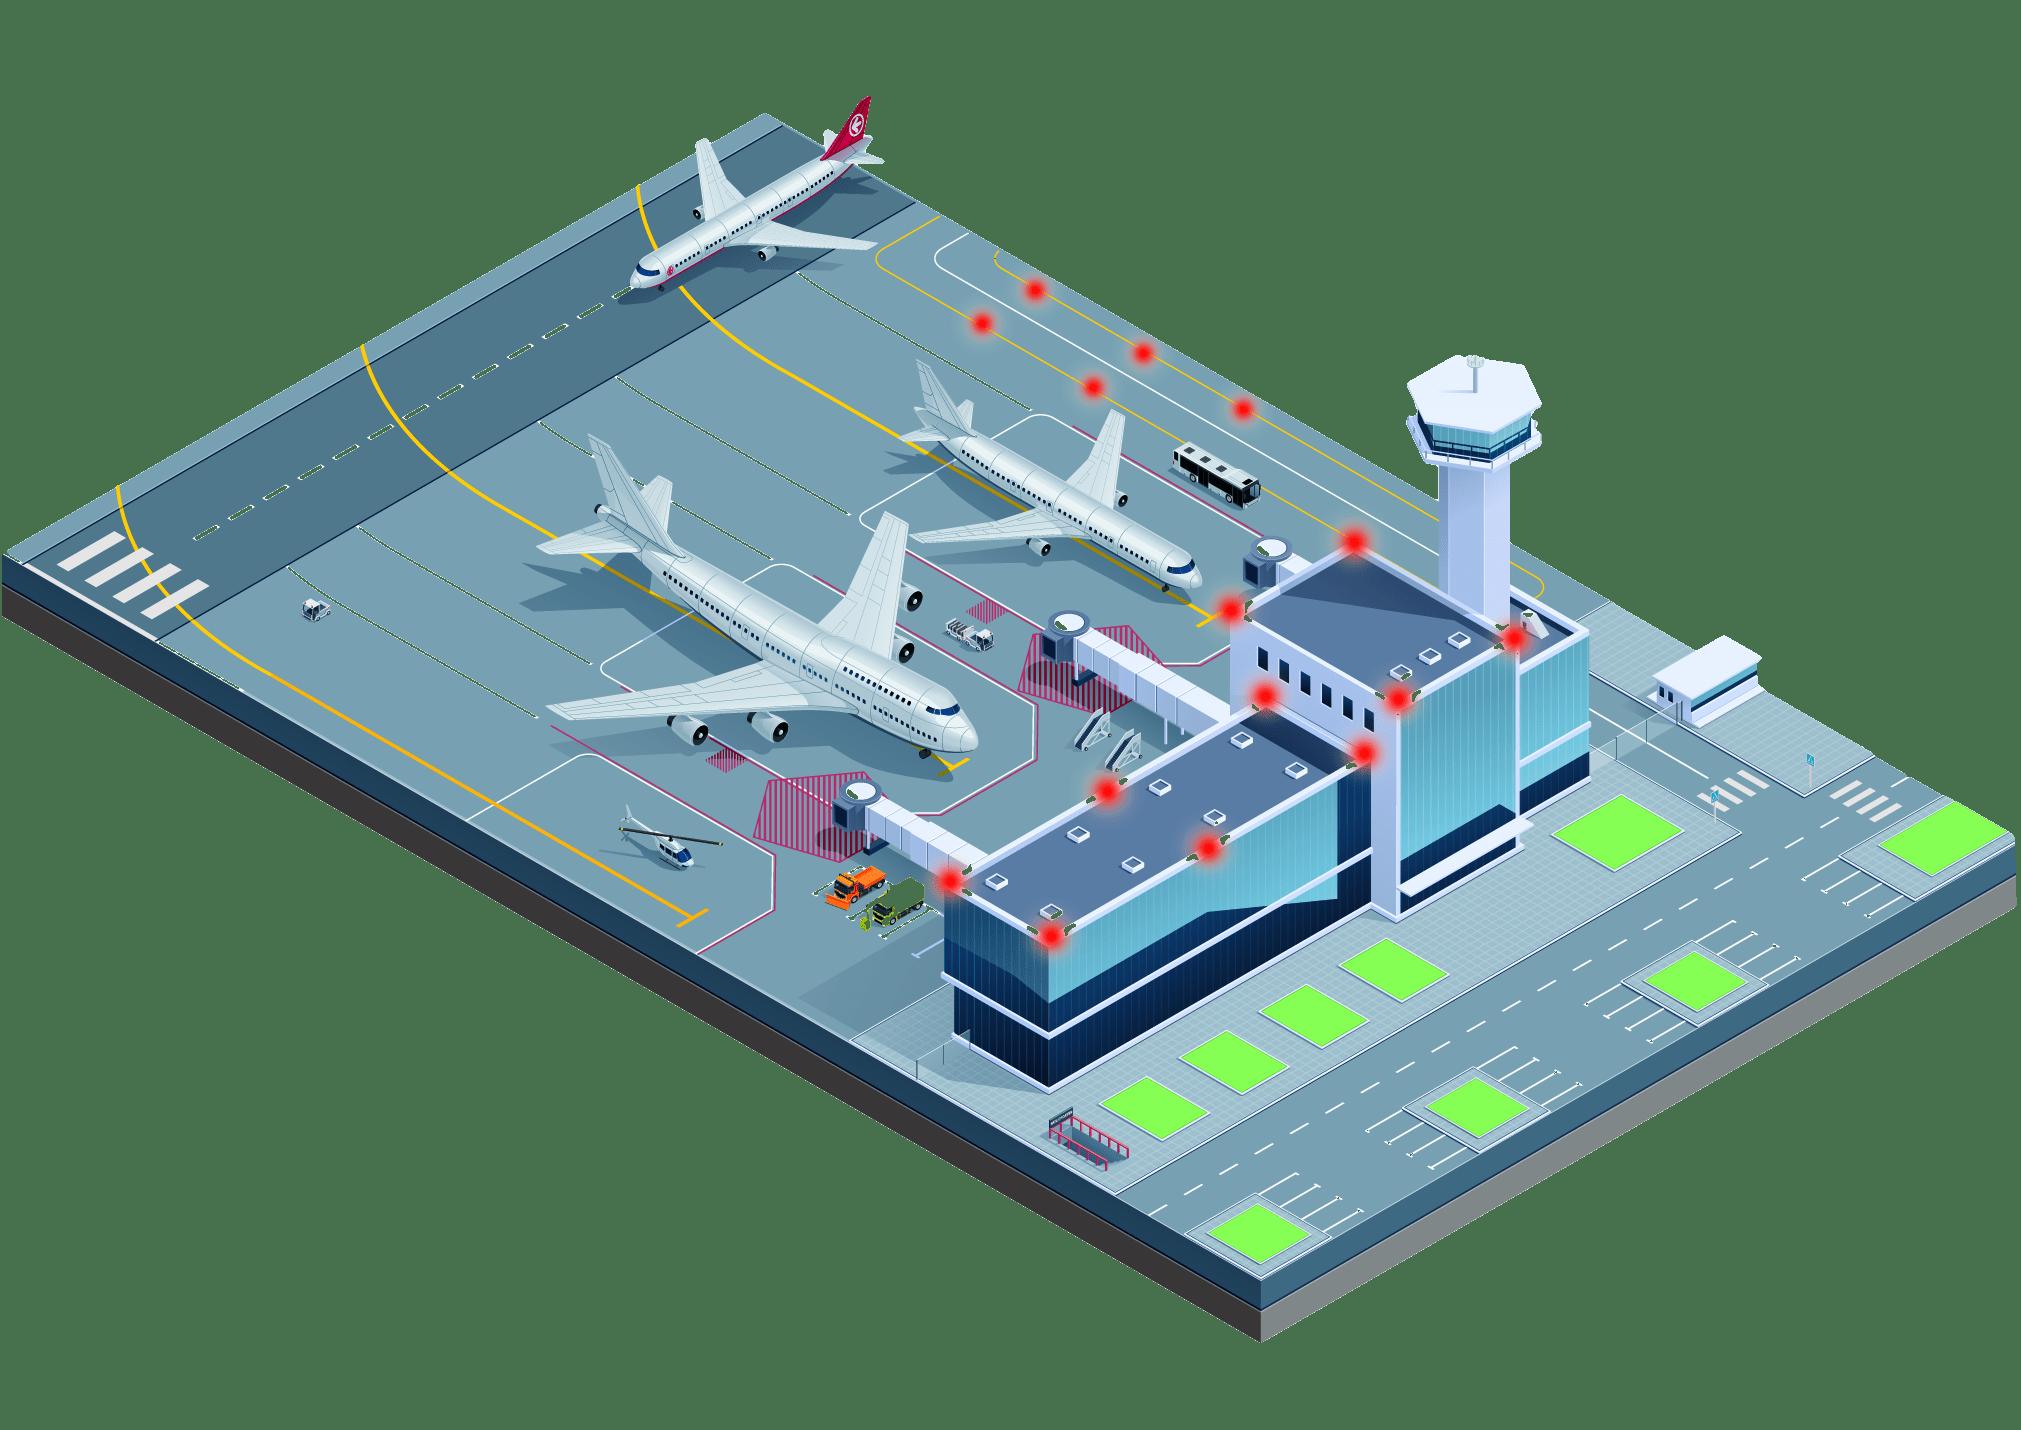 Obelux - Balisage d'obstacles aériens - matériel pour les aéroports